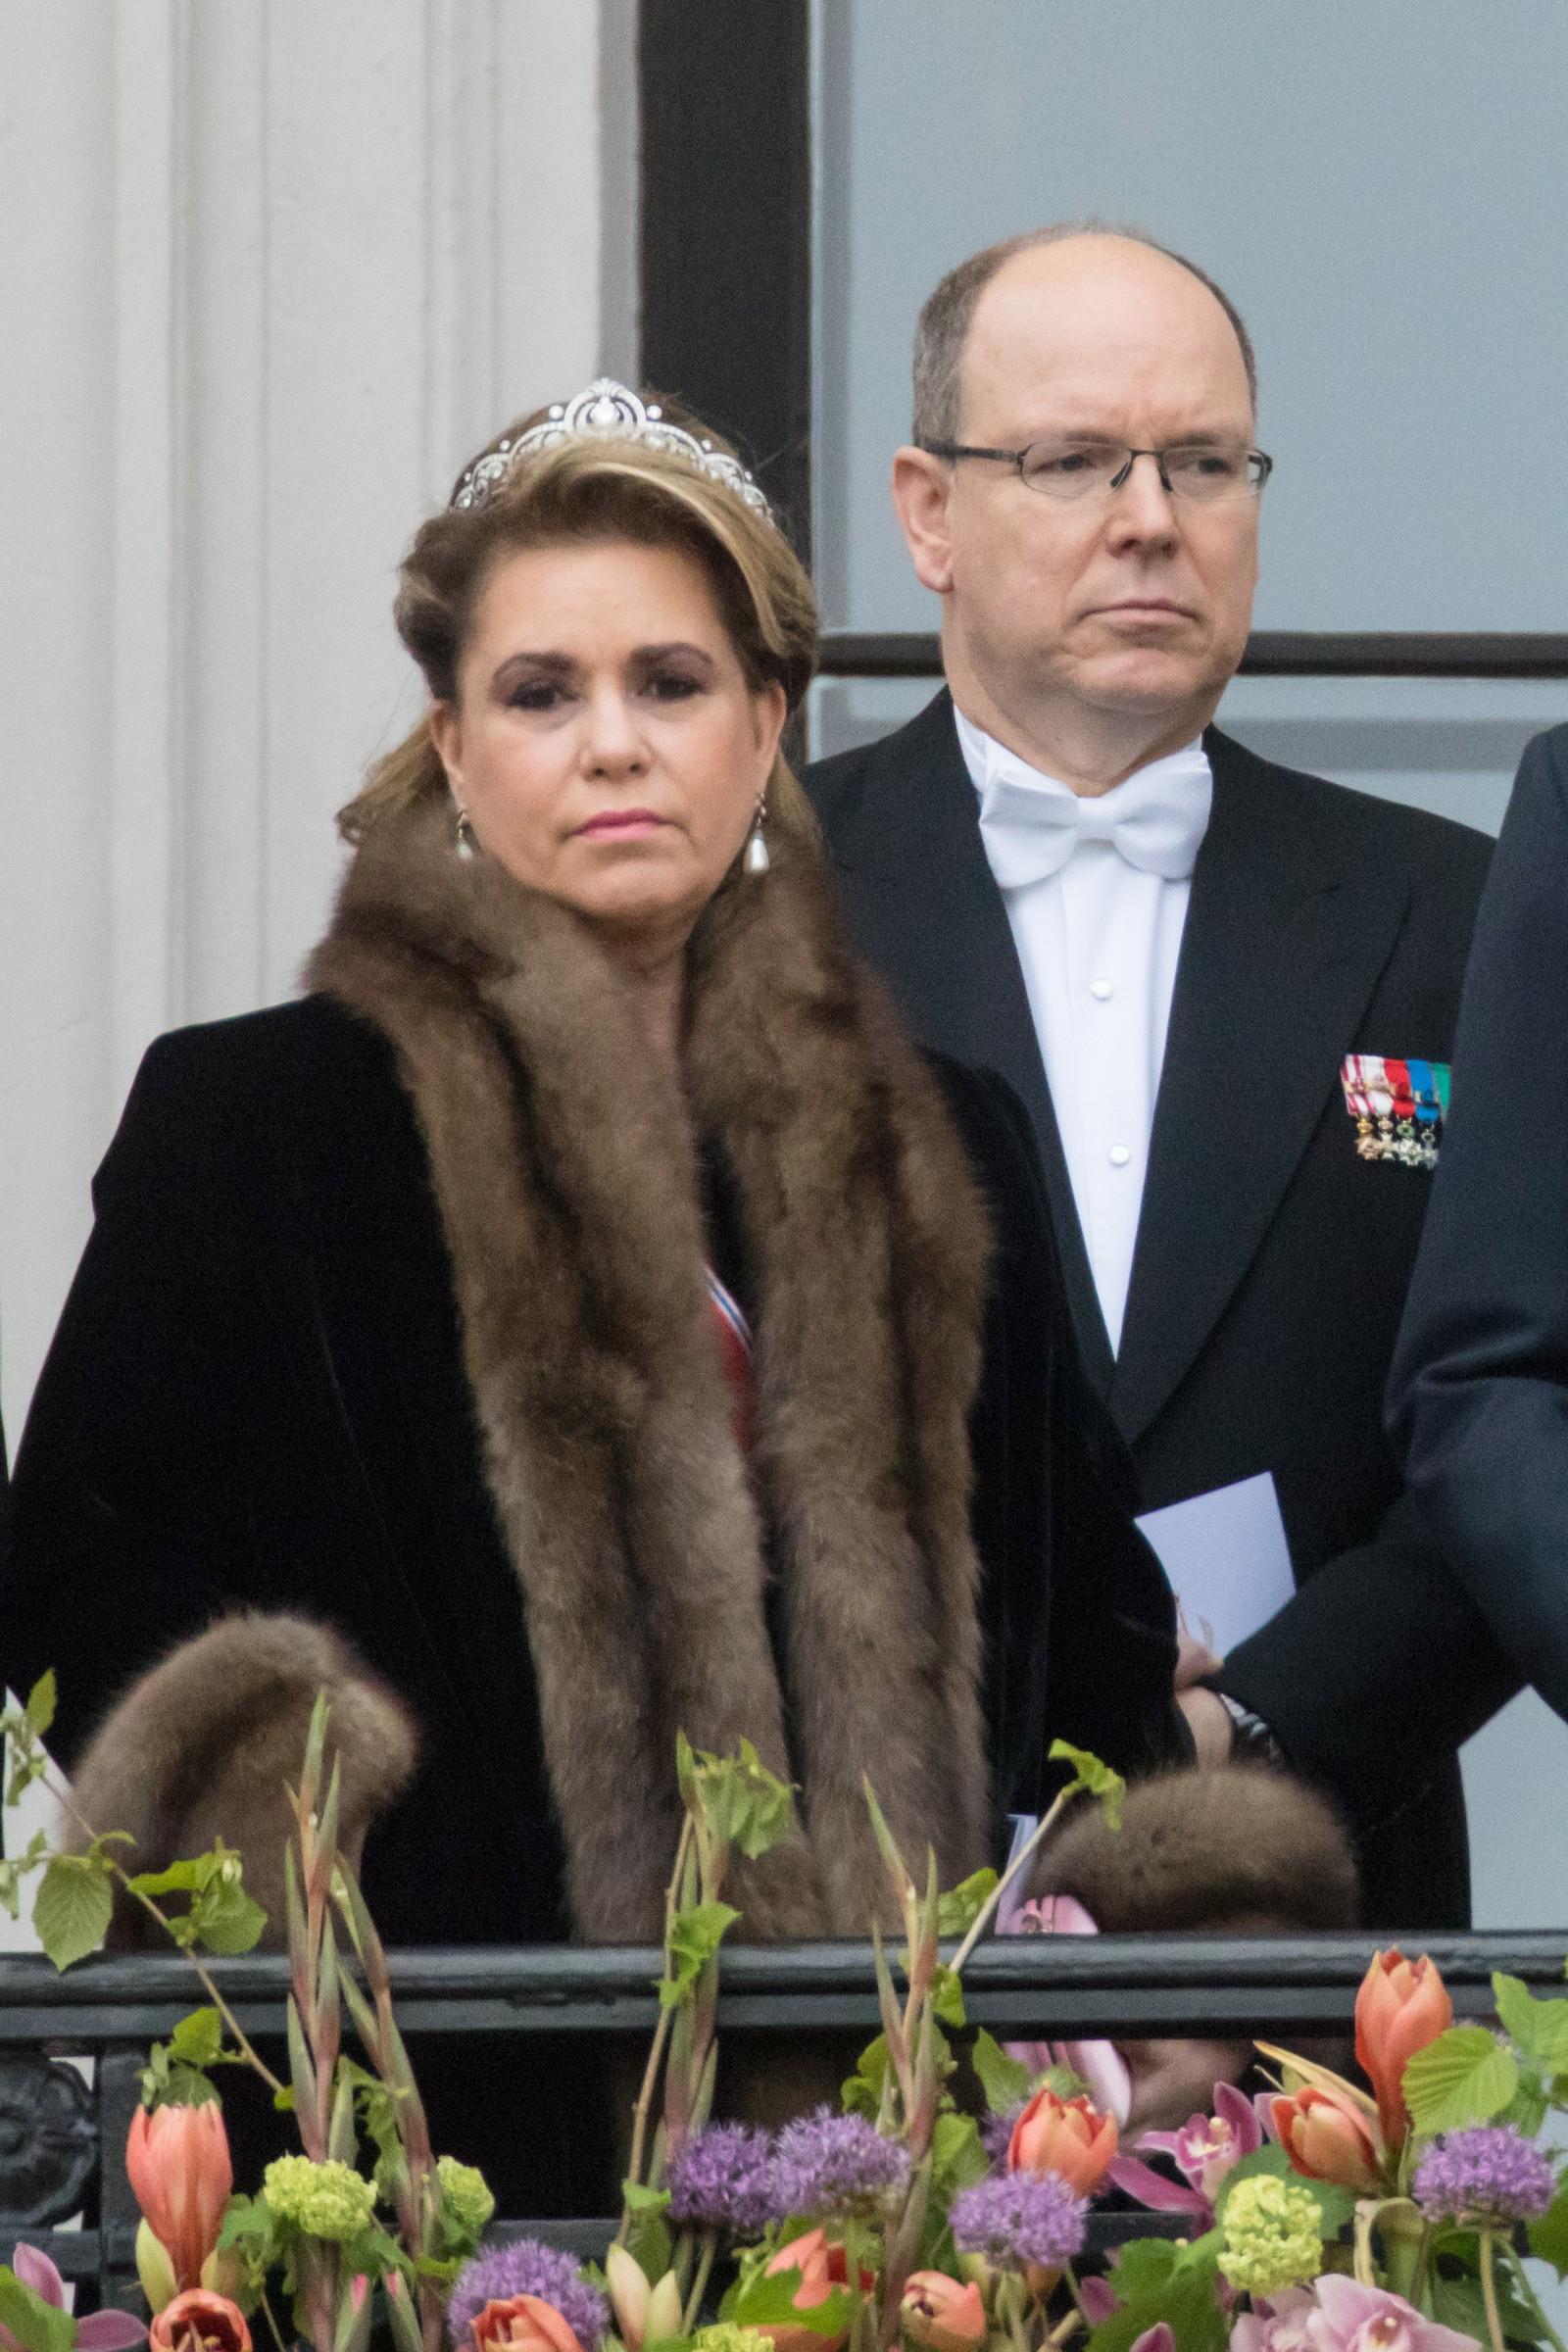 Storhertuginne Maria-Teresa av Luxembourg og fyrst Albert av Monaco. Kongeparet med kongelige gjester hilser publikum fra slottsbalkongen i anledning sin 80-årsfeiring.